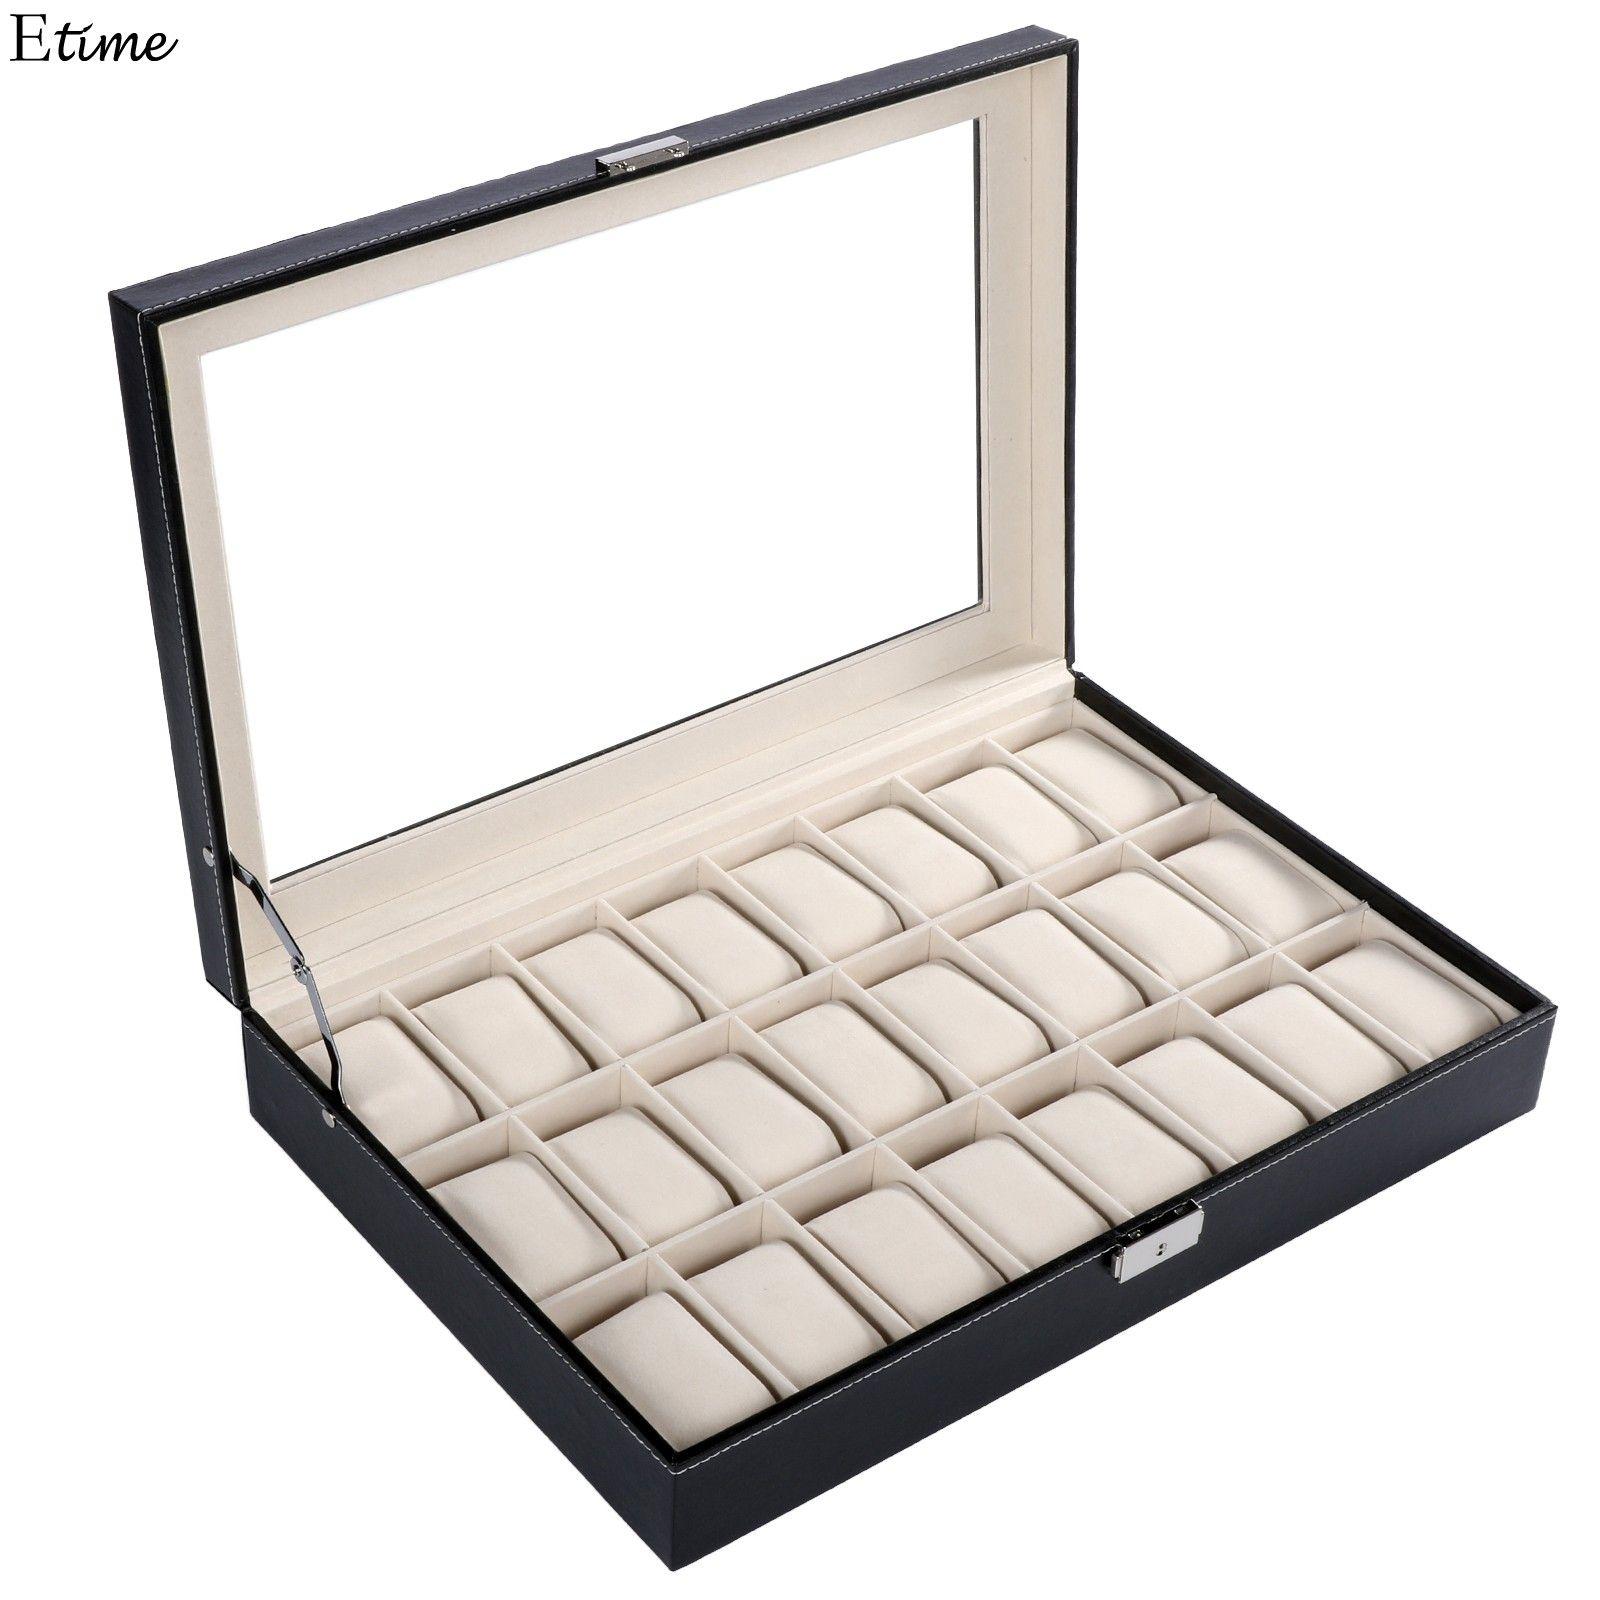 FANALA 2017 PU Leather Watch Display Box 24 Grid Watch Case Jewelry Storage Organizer